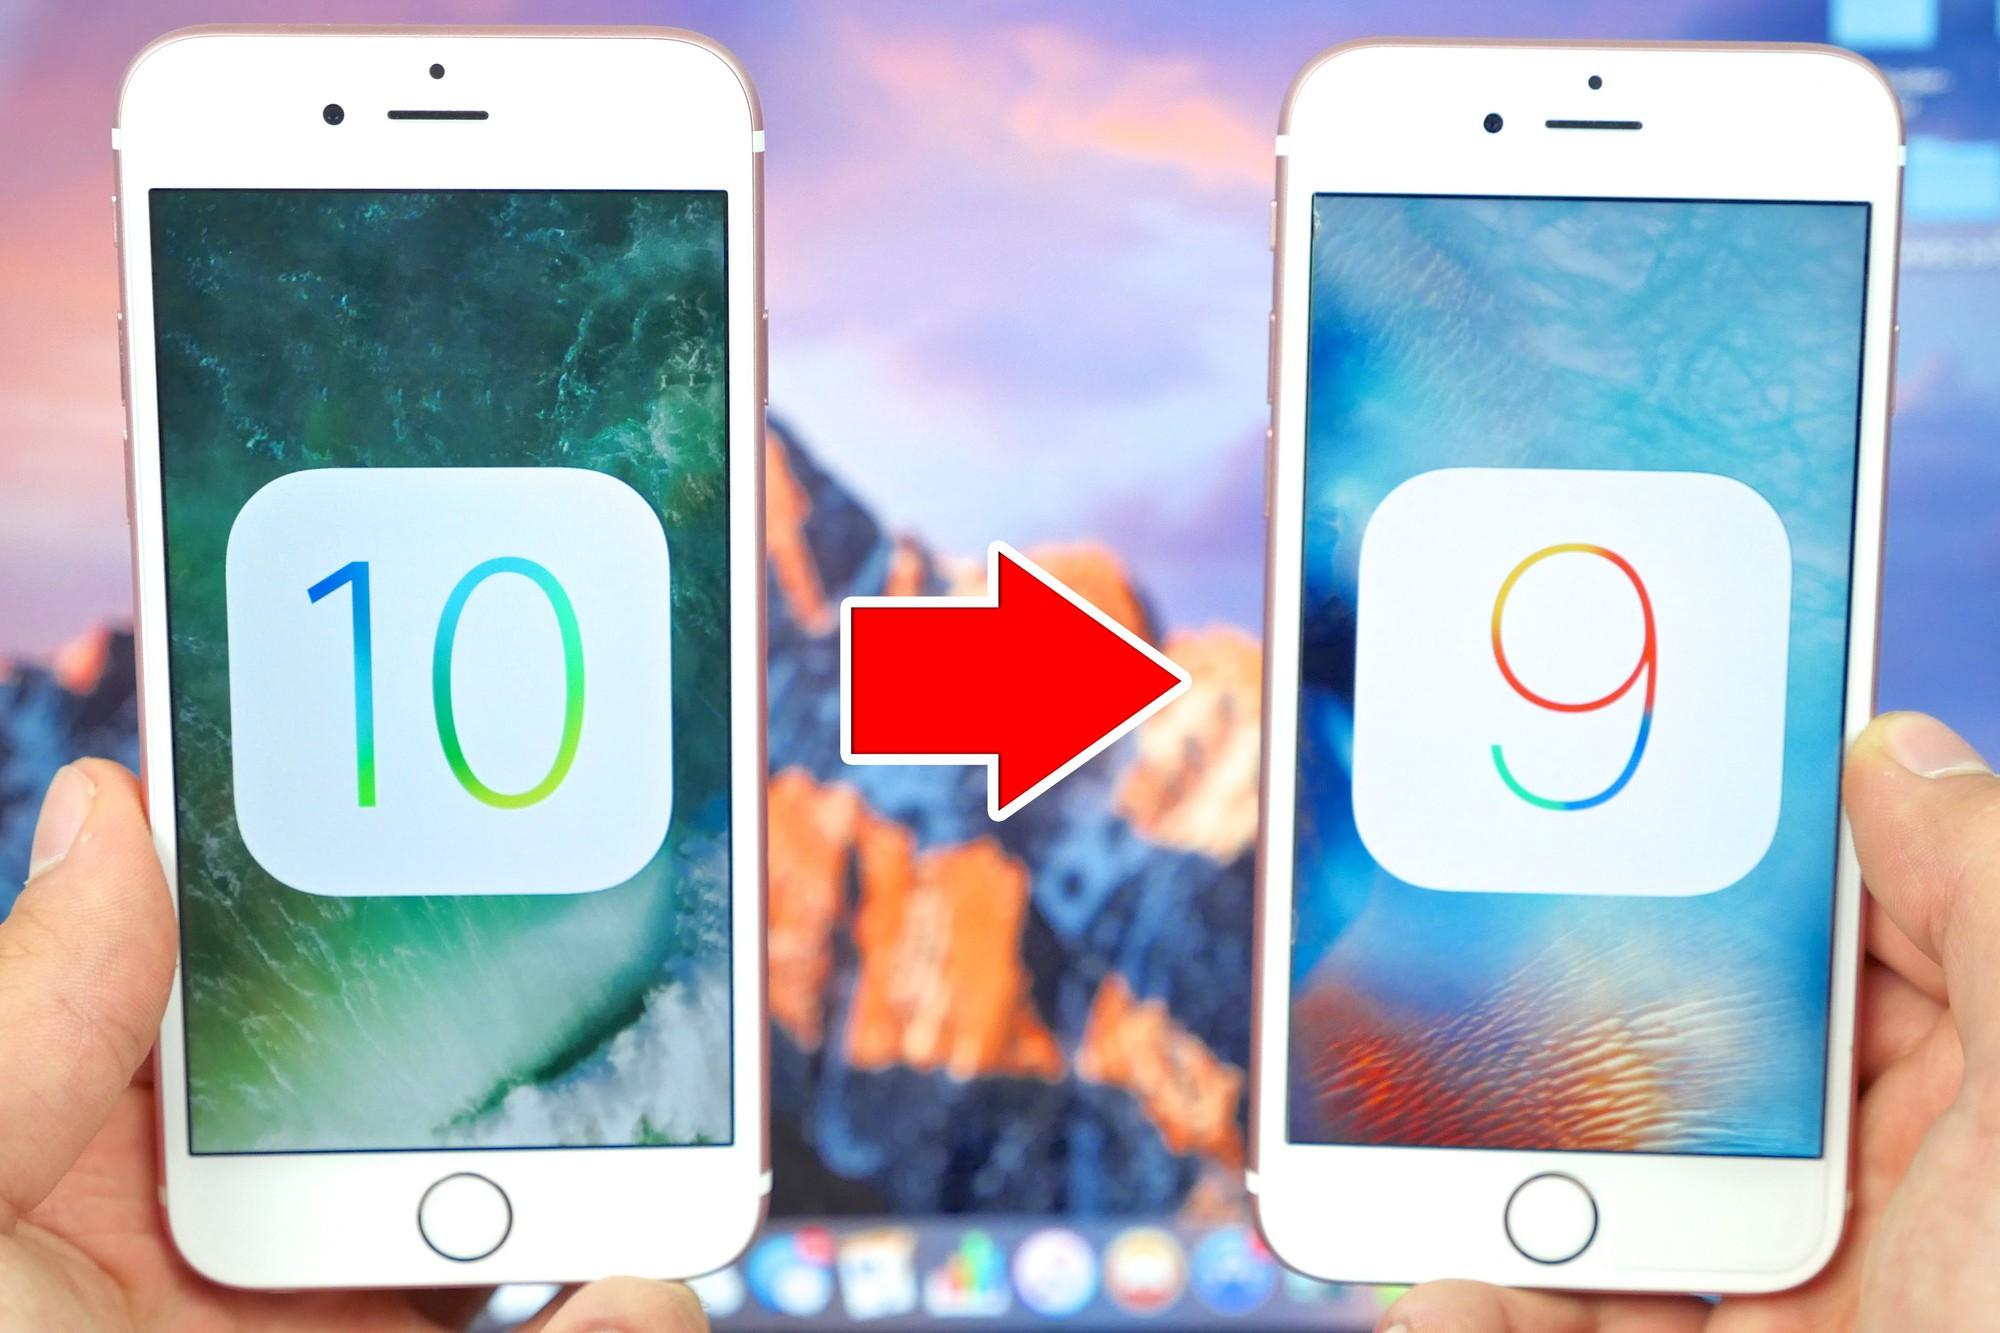 Nguyên nhân giết chết tốc độ chiếc iPhone cũ của bạn và những cách khắc phục - Ảnh 7.